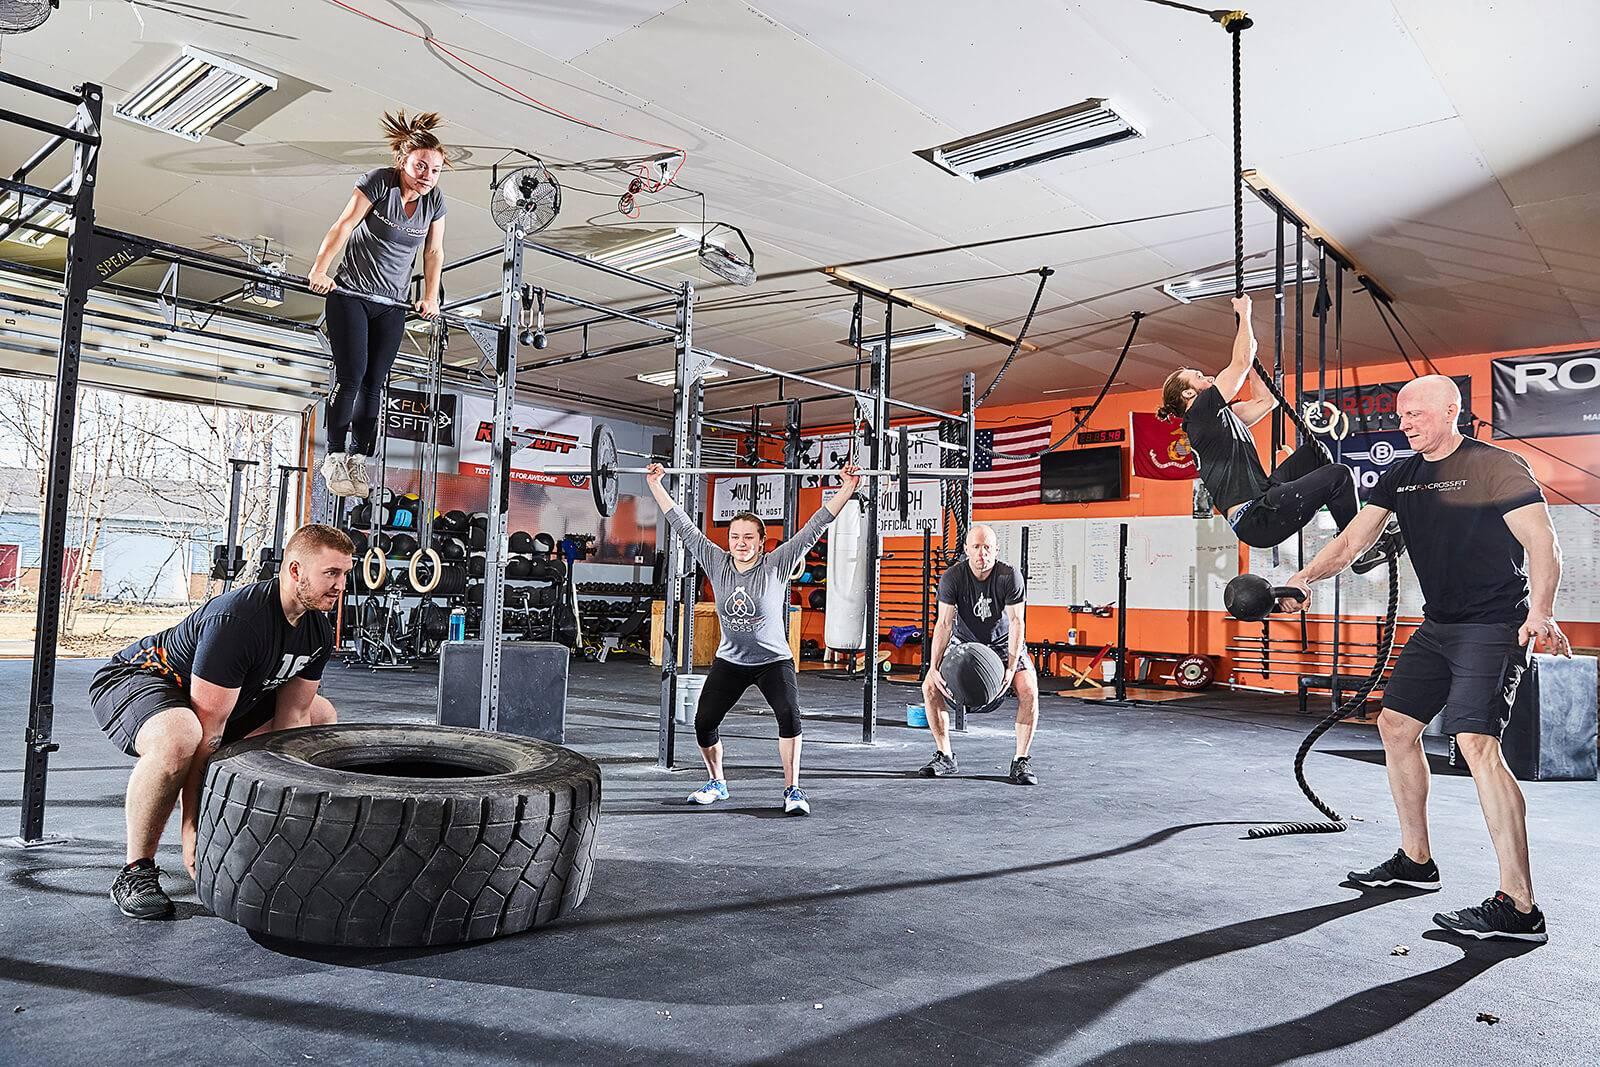 Кроссфит дома для начинающих: программа тренировок для мужчин, женщин, комплекс упражнений в домашних условиях